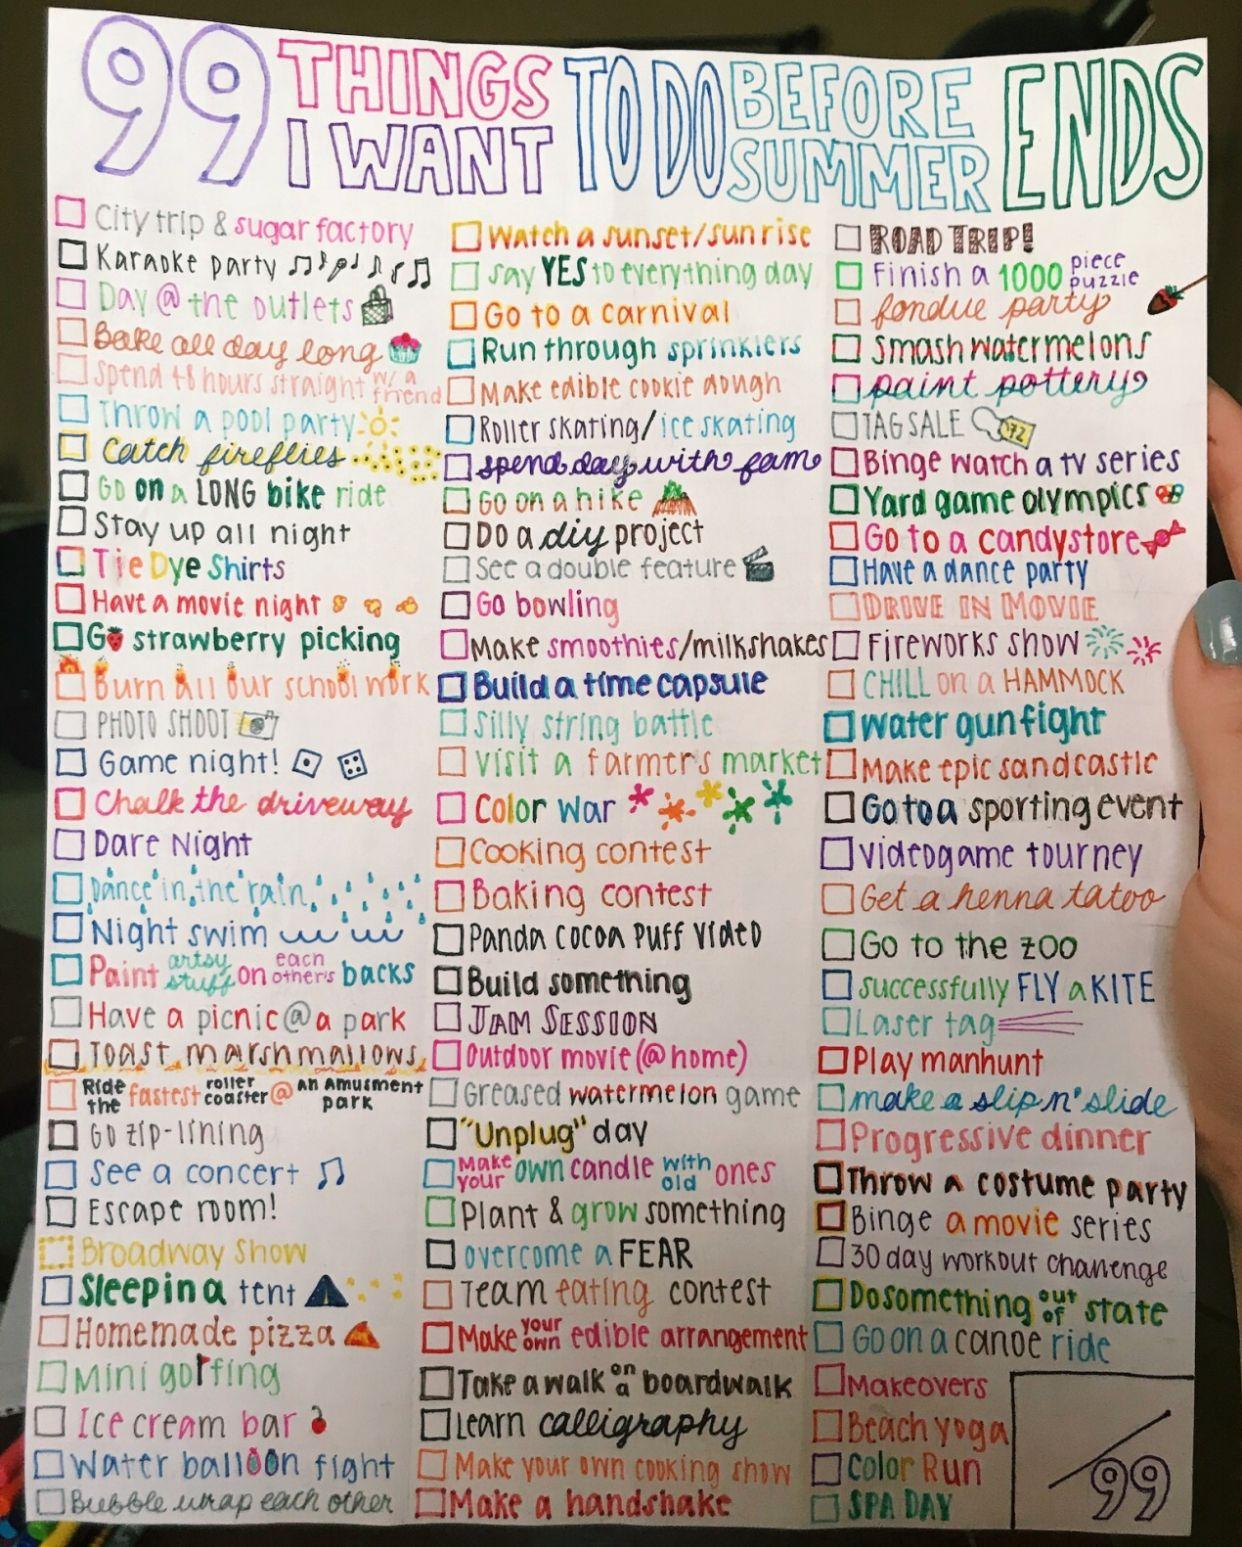 Teen's Nsfw Bucket List Goes Viral